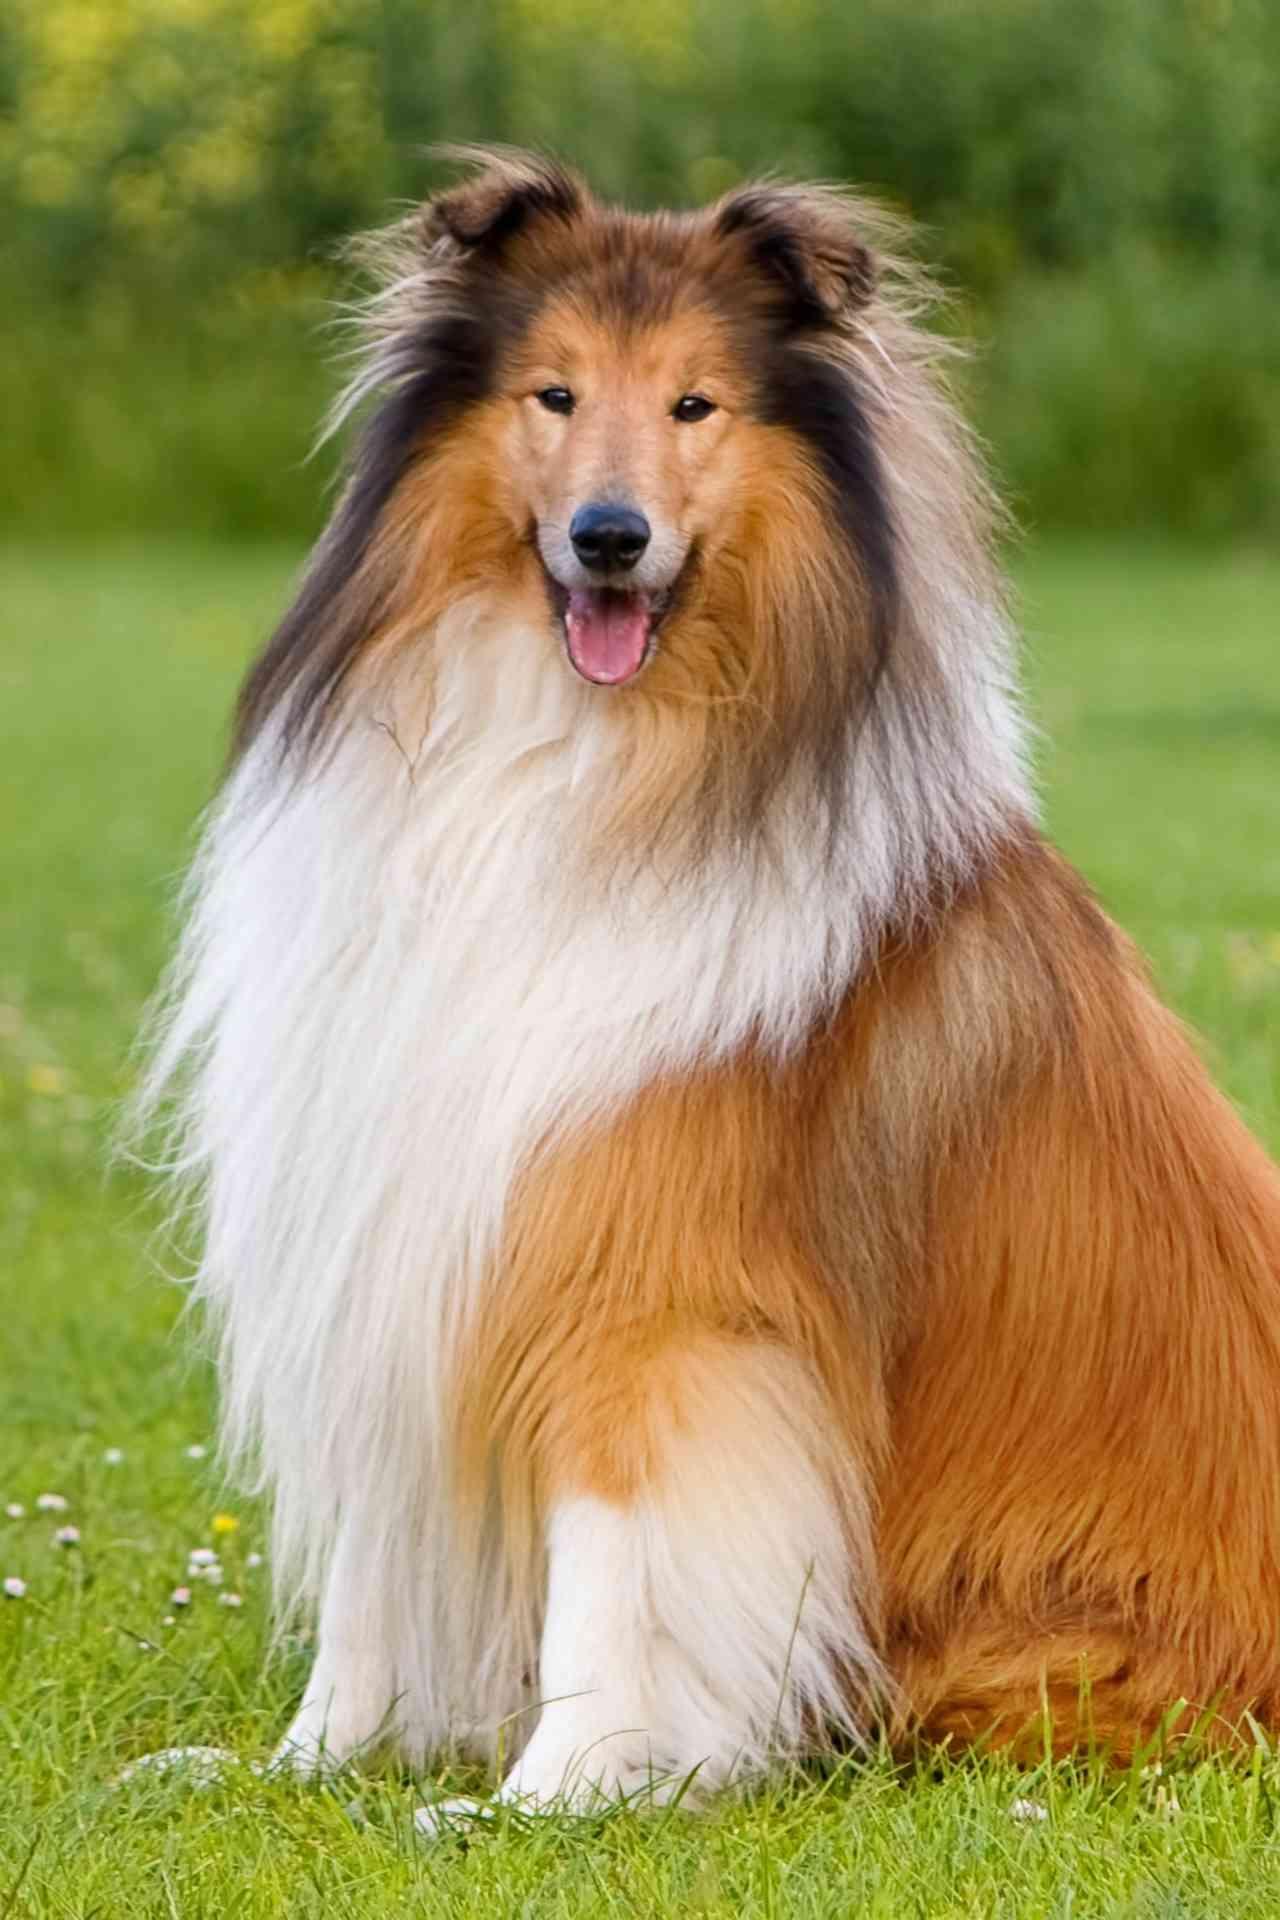 Berühmte Hunde Aus Film Und Fernsehen in Hunderasse 7 Buchstaben